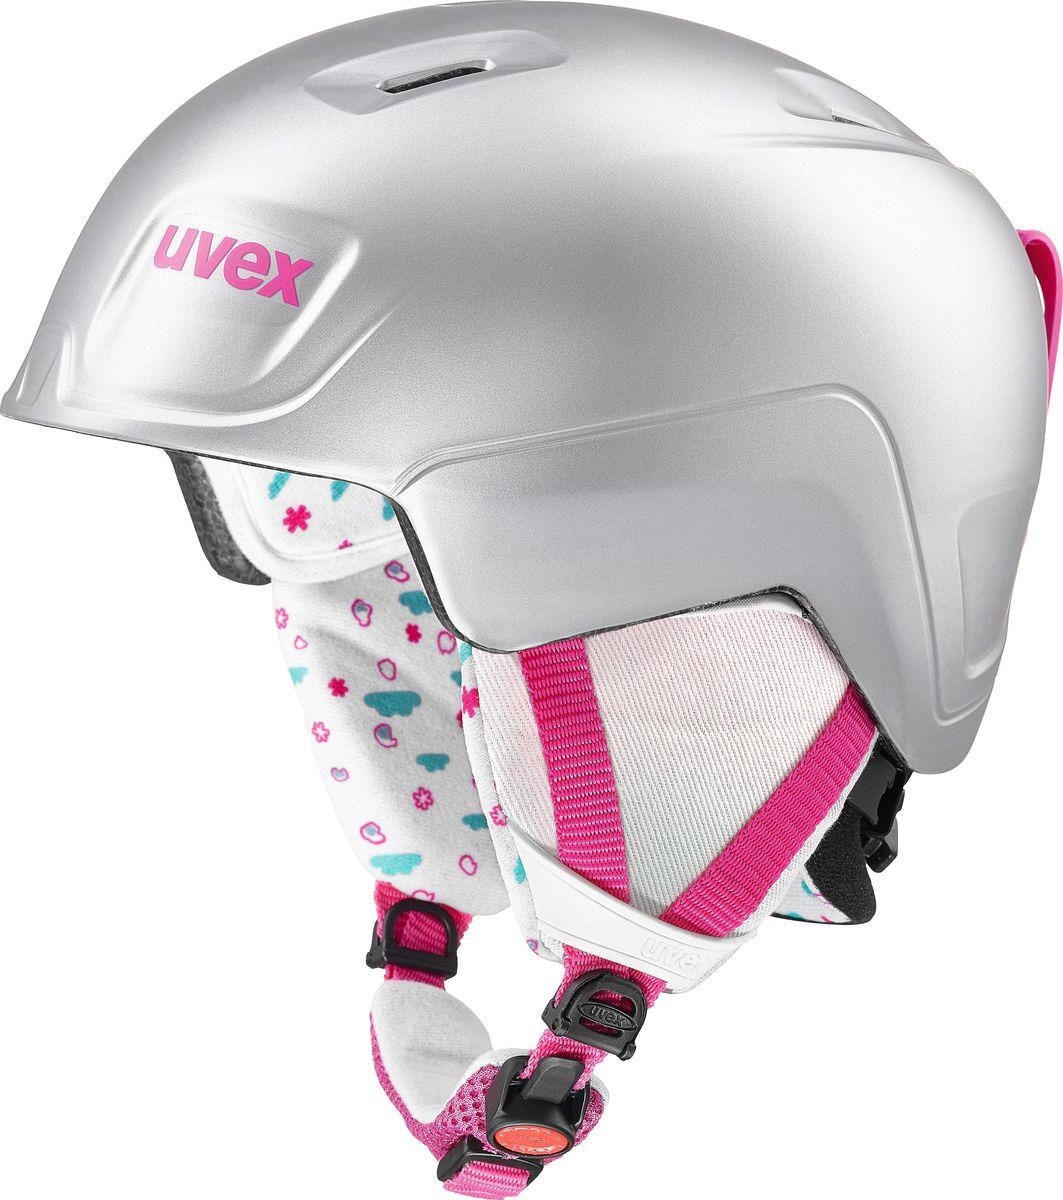 Шлем горнолыжный для девочки Uvex Manic Pro Kid's Helmet, 6224-59, серый, розовый. Размер 51/55 kivat шлем розовый